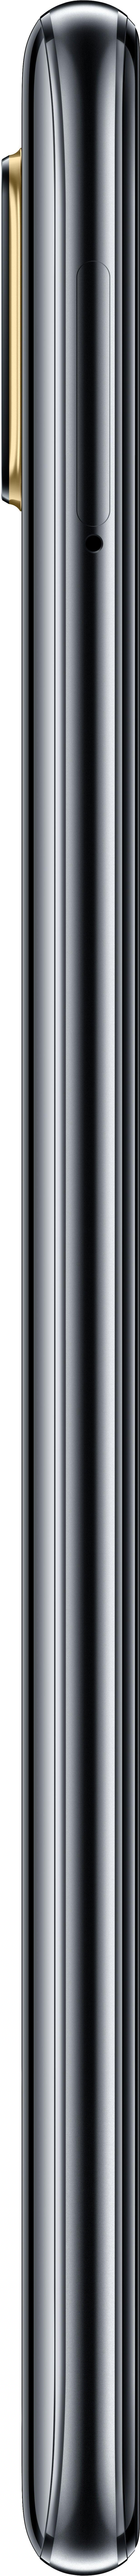 Смартфон HUAWEI P40 Lite 6/128GB Midnight Black от Територія твоєї техніки - 8